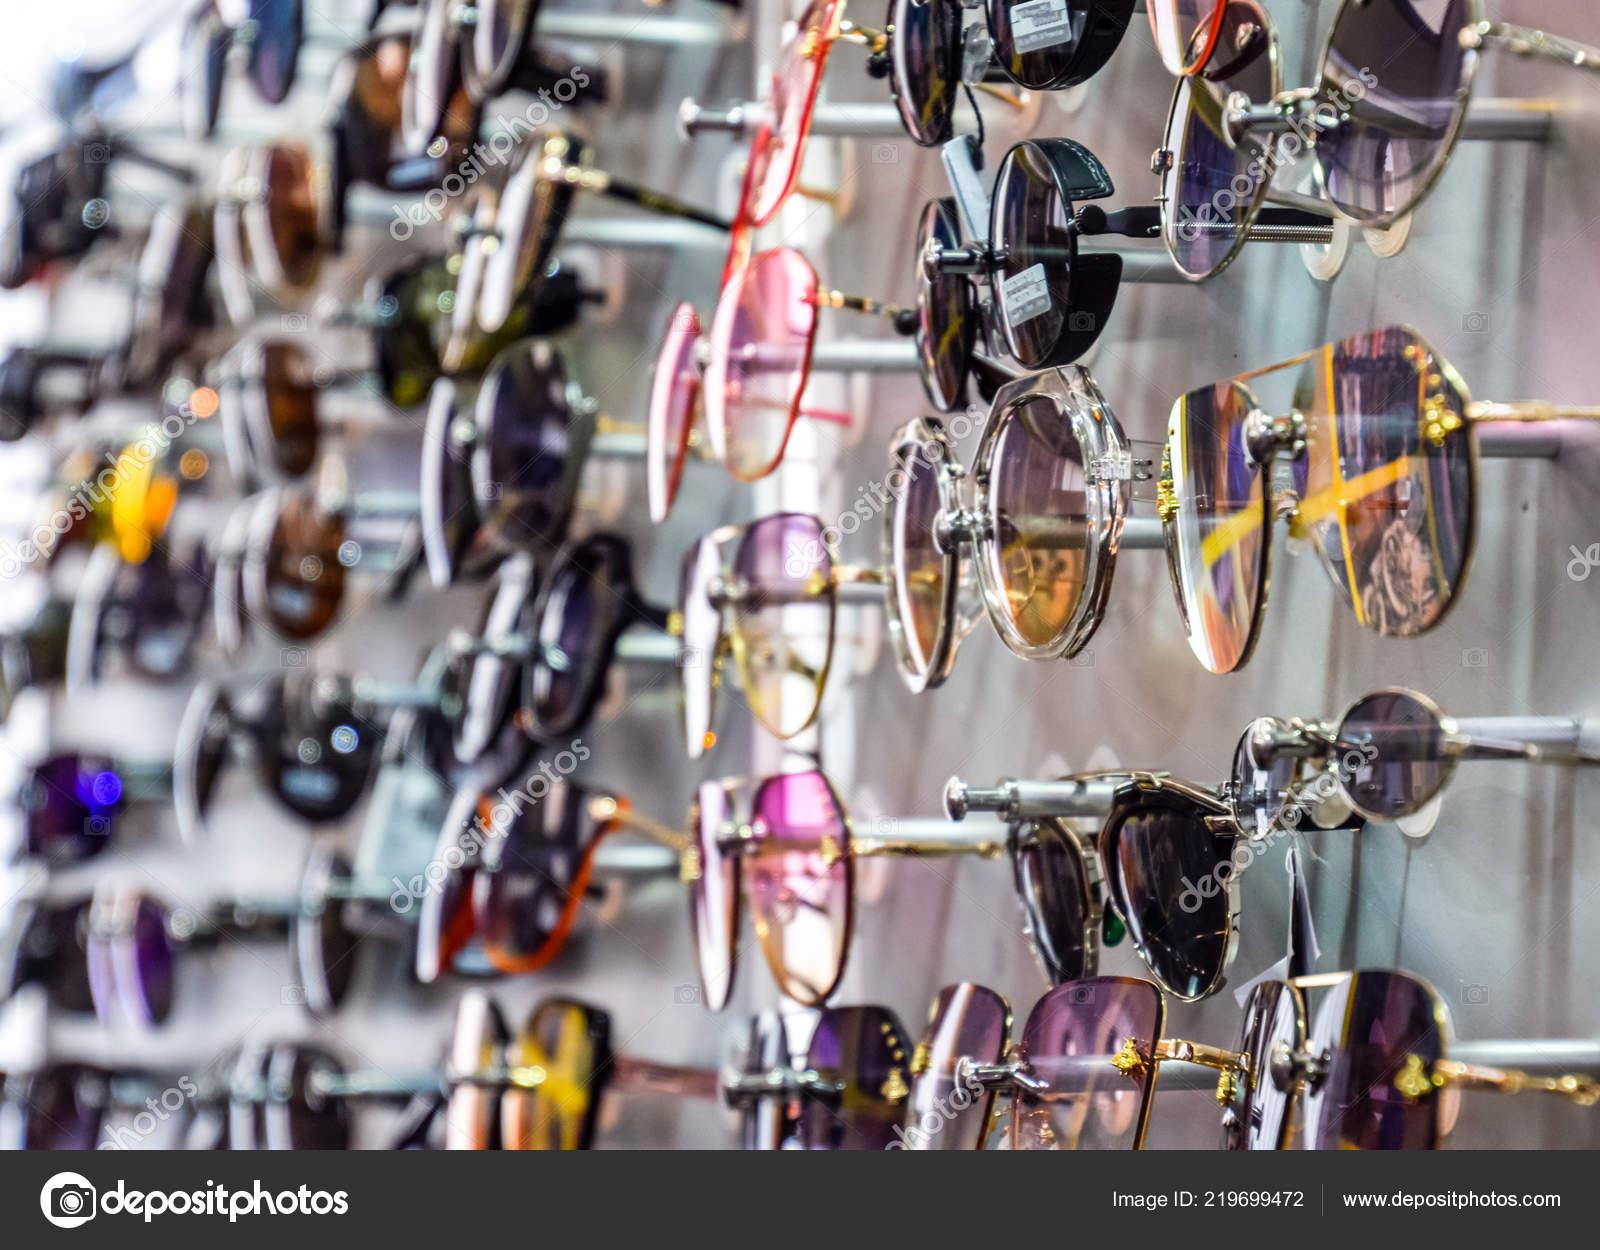 23598b1fc27fa Lunettes de soleil sur le stand au comptoir. Lunettes de soleil à vendre–  images de stock libres de droits